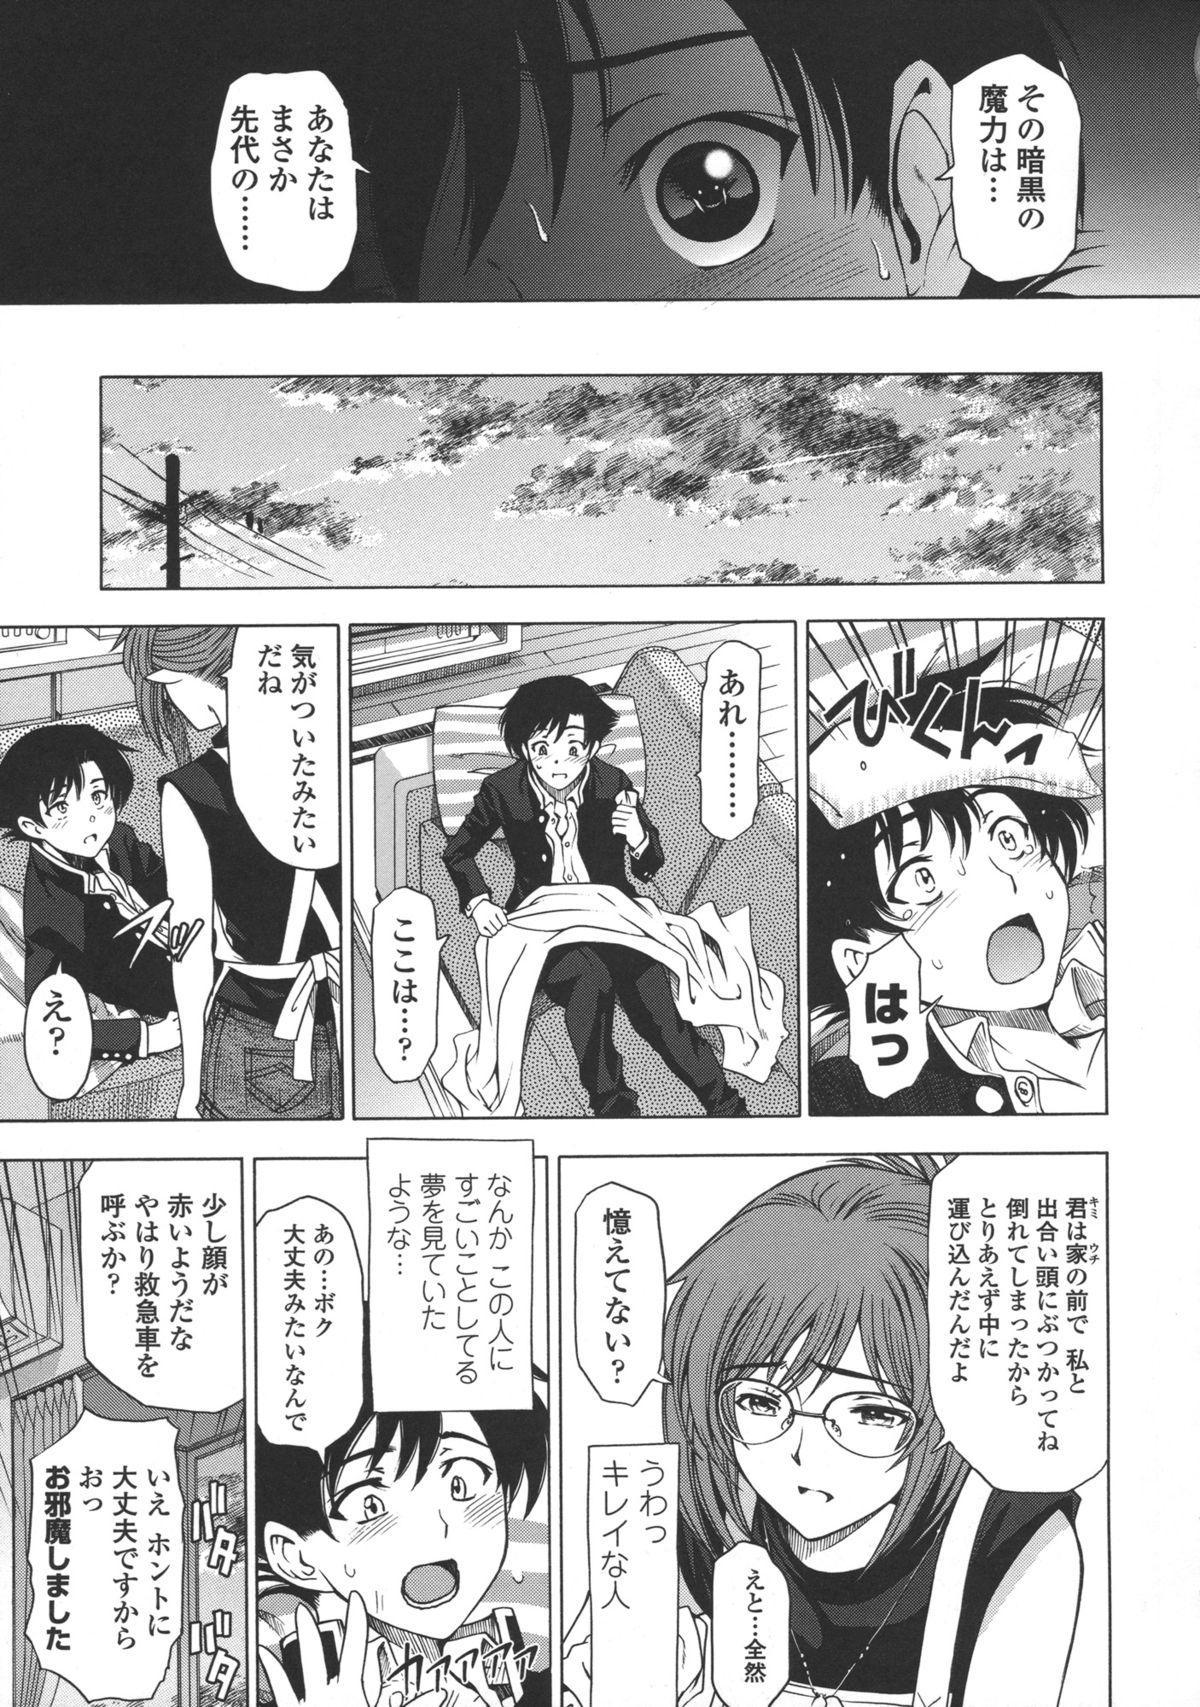 Ane wa Shota o Suki ni Naru 177